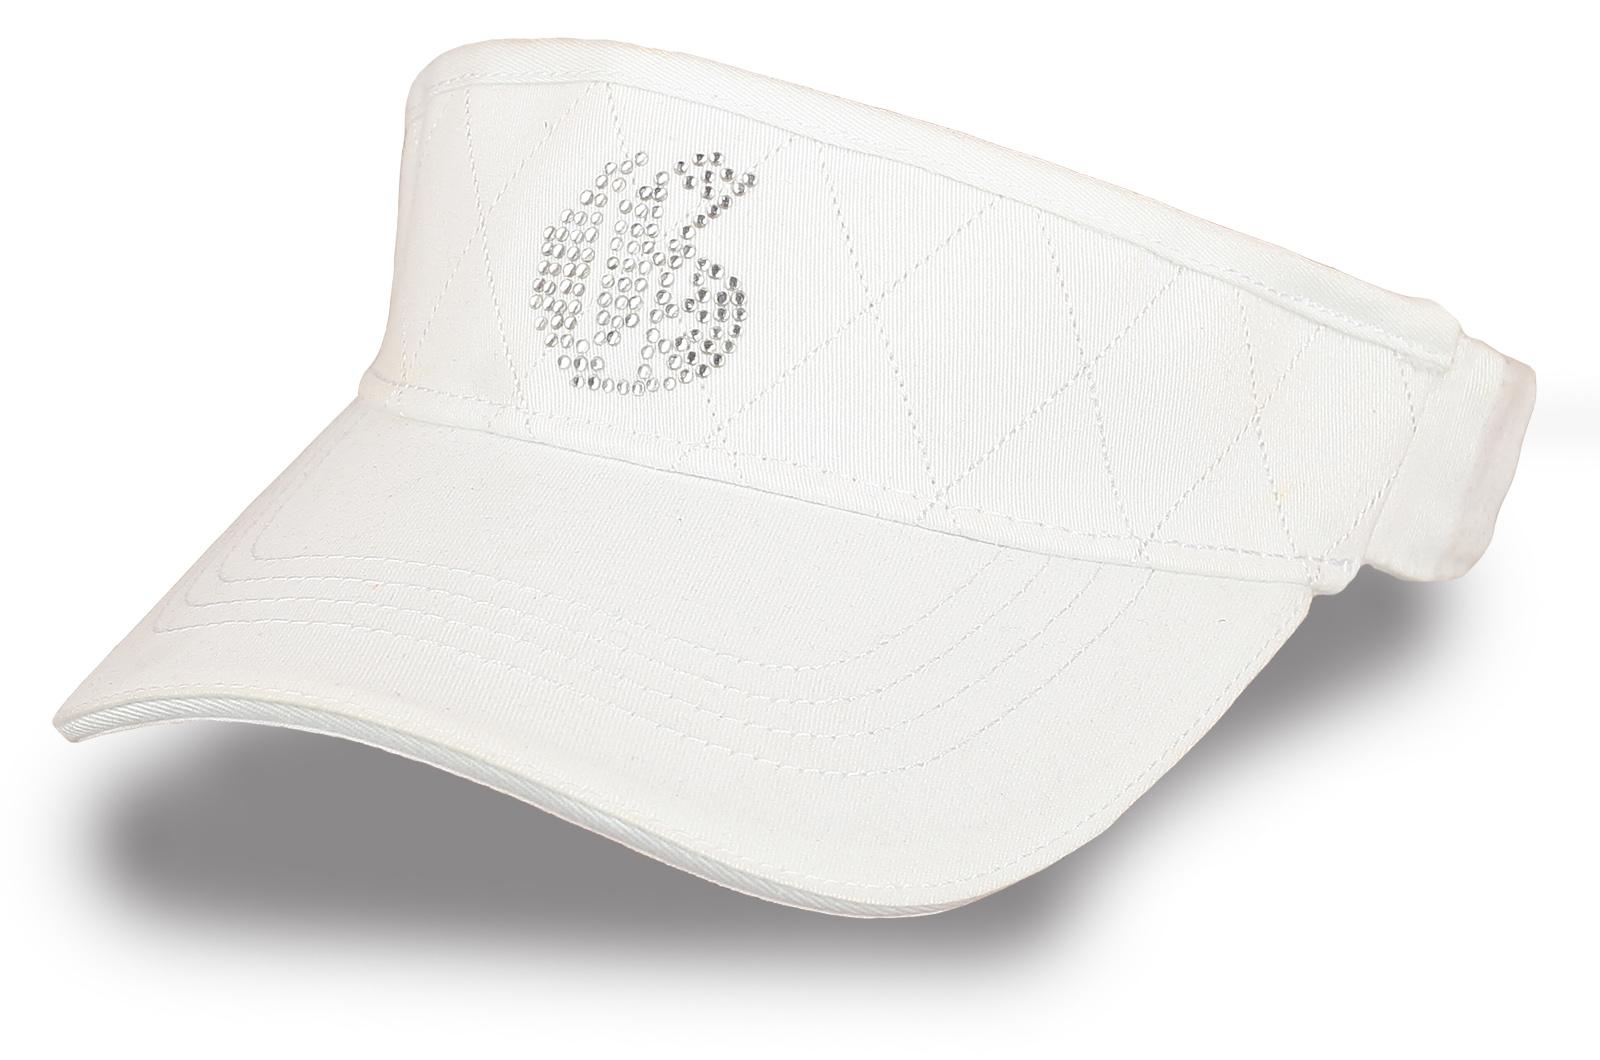 Тенниска белая - купить в интернет-магазине с доставкой